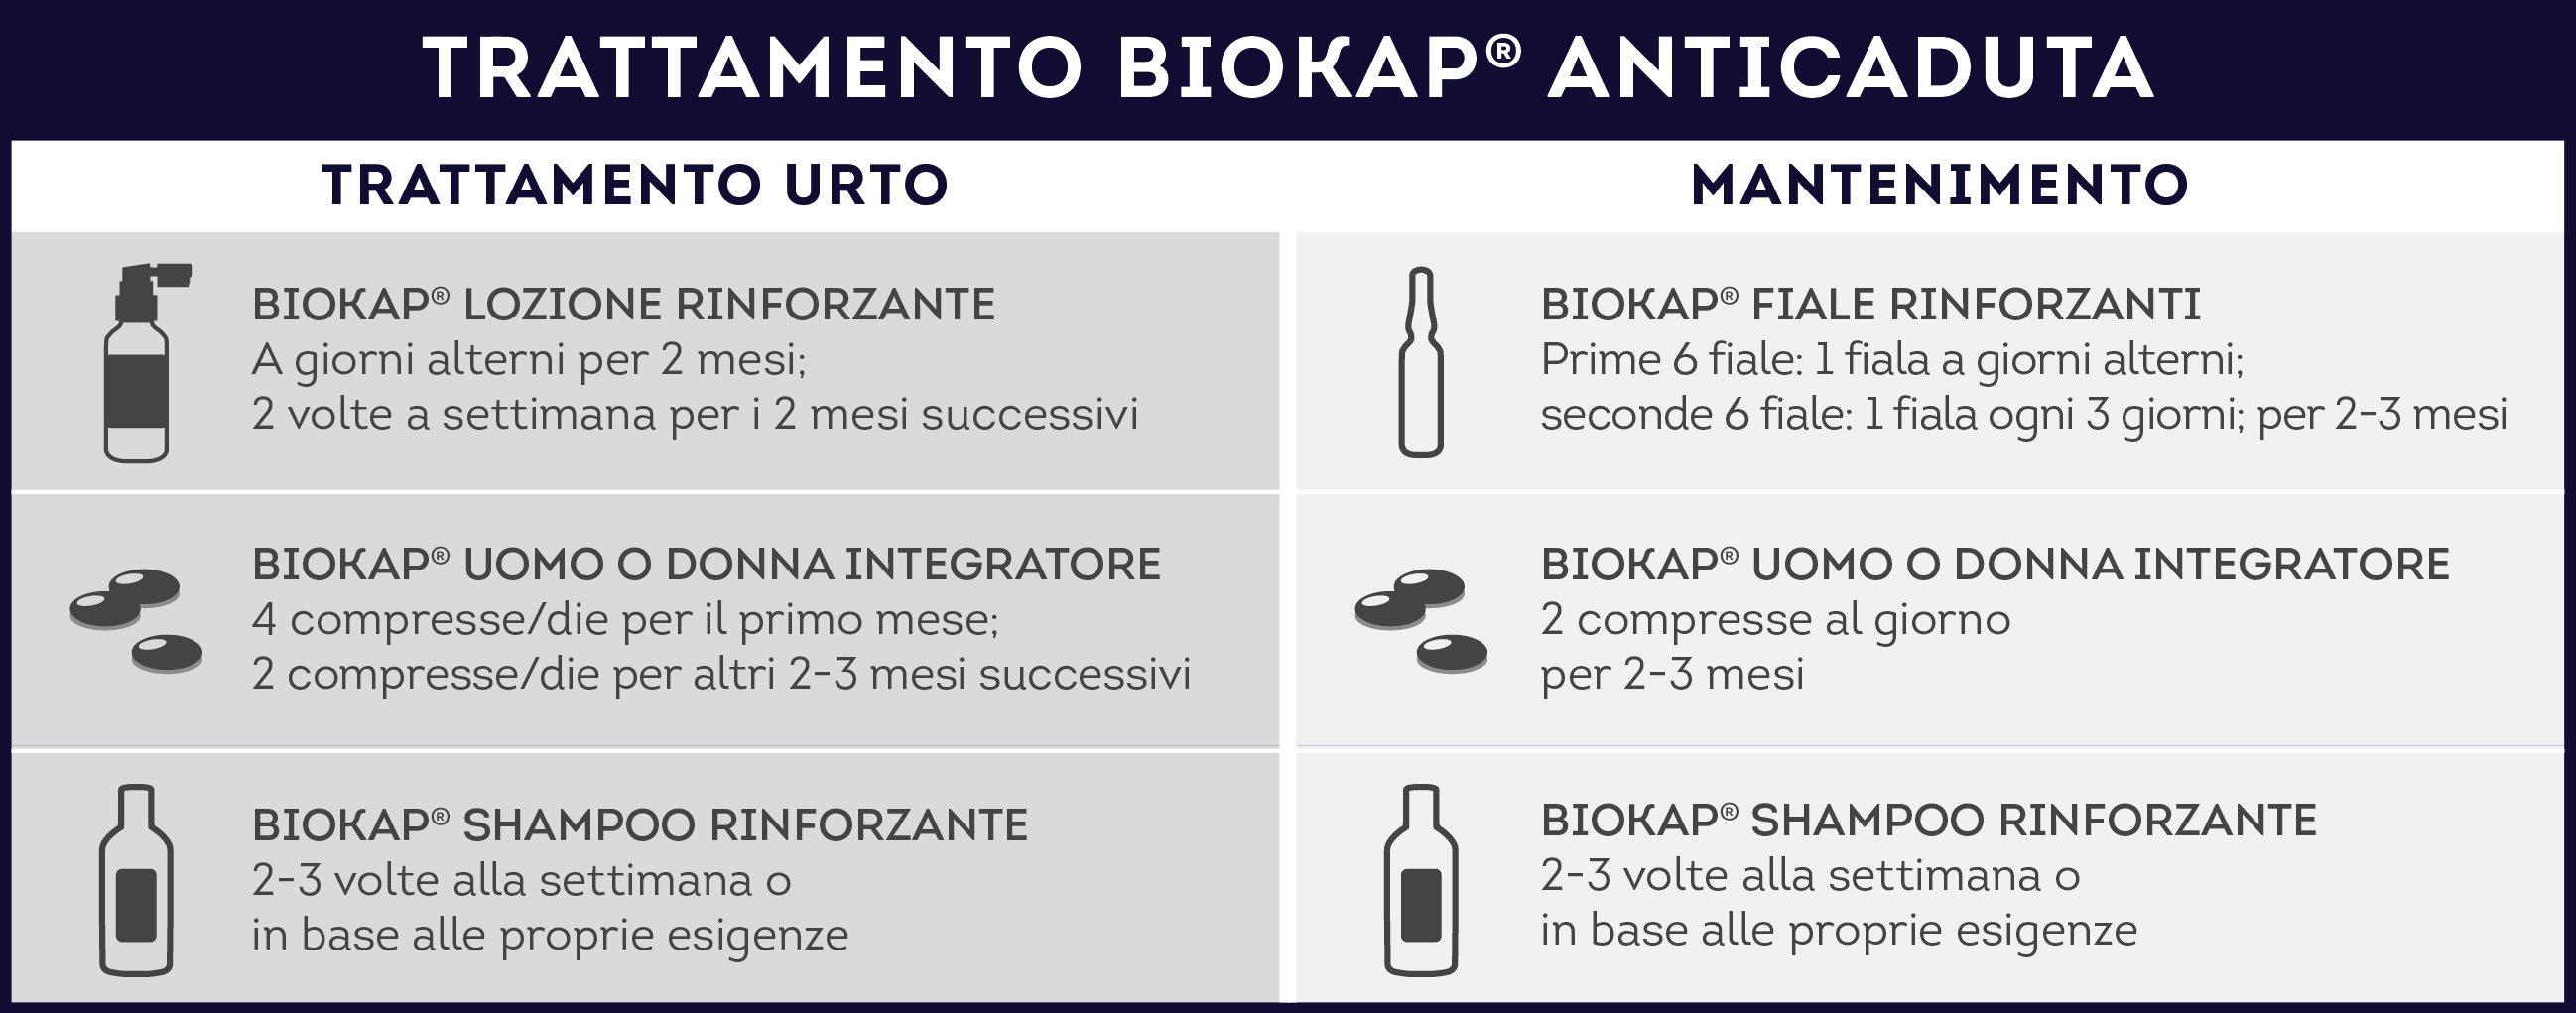 schema-biokap-trattamento-anticaduta